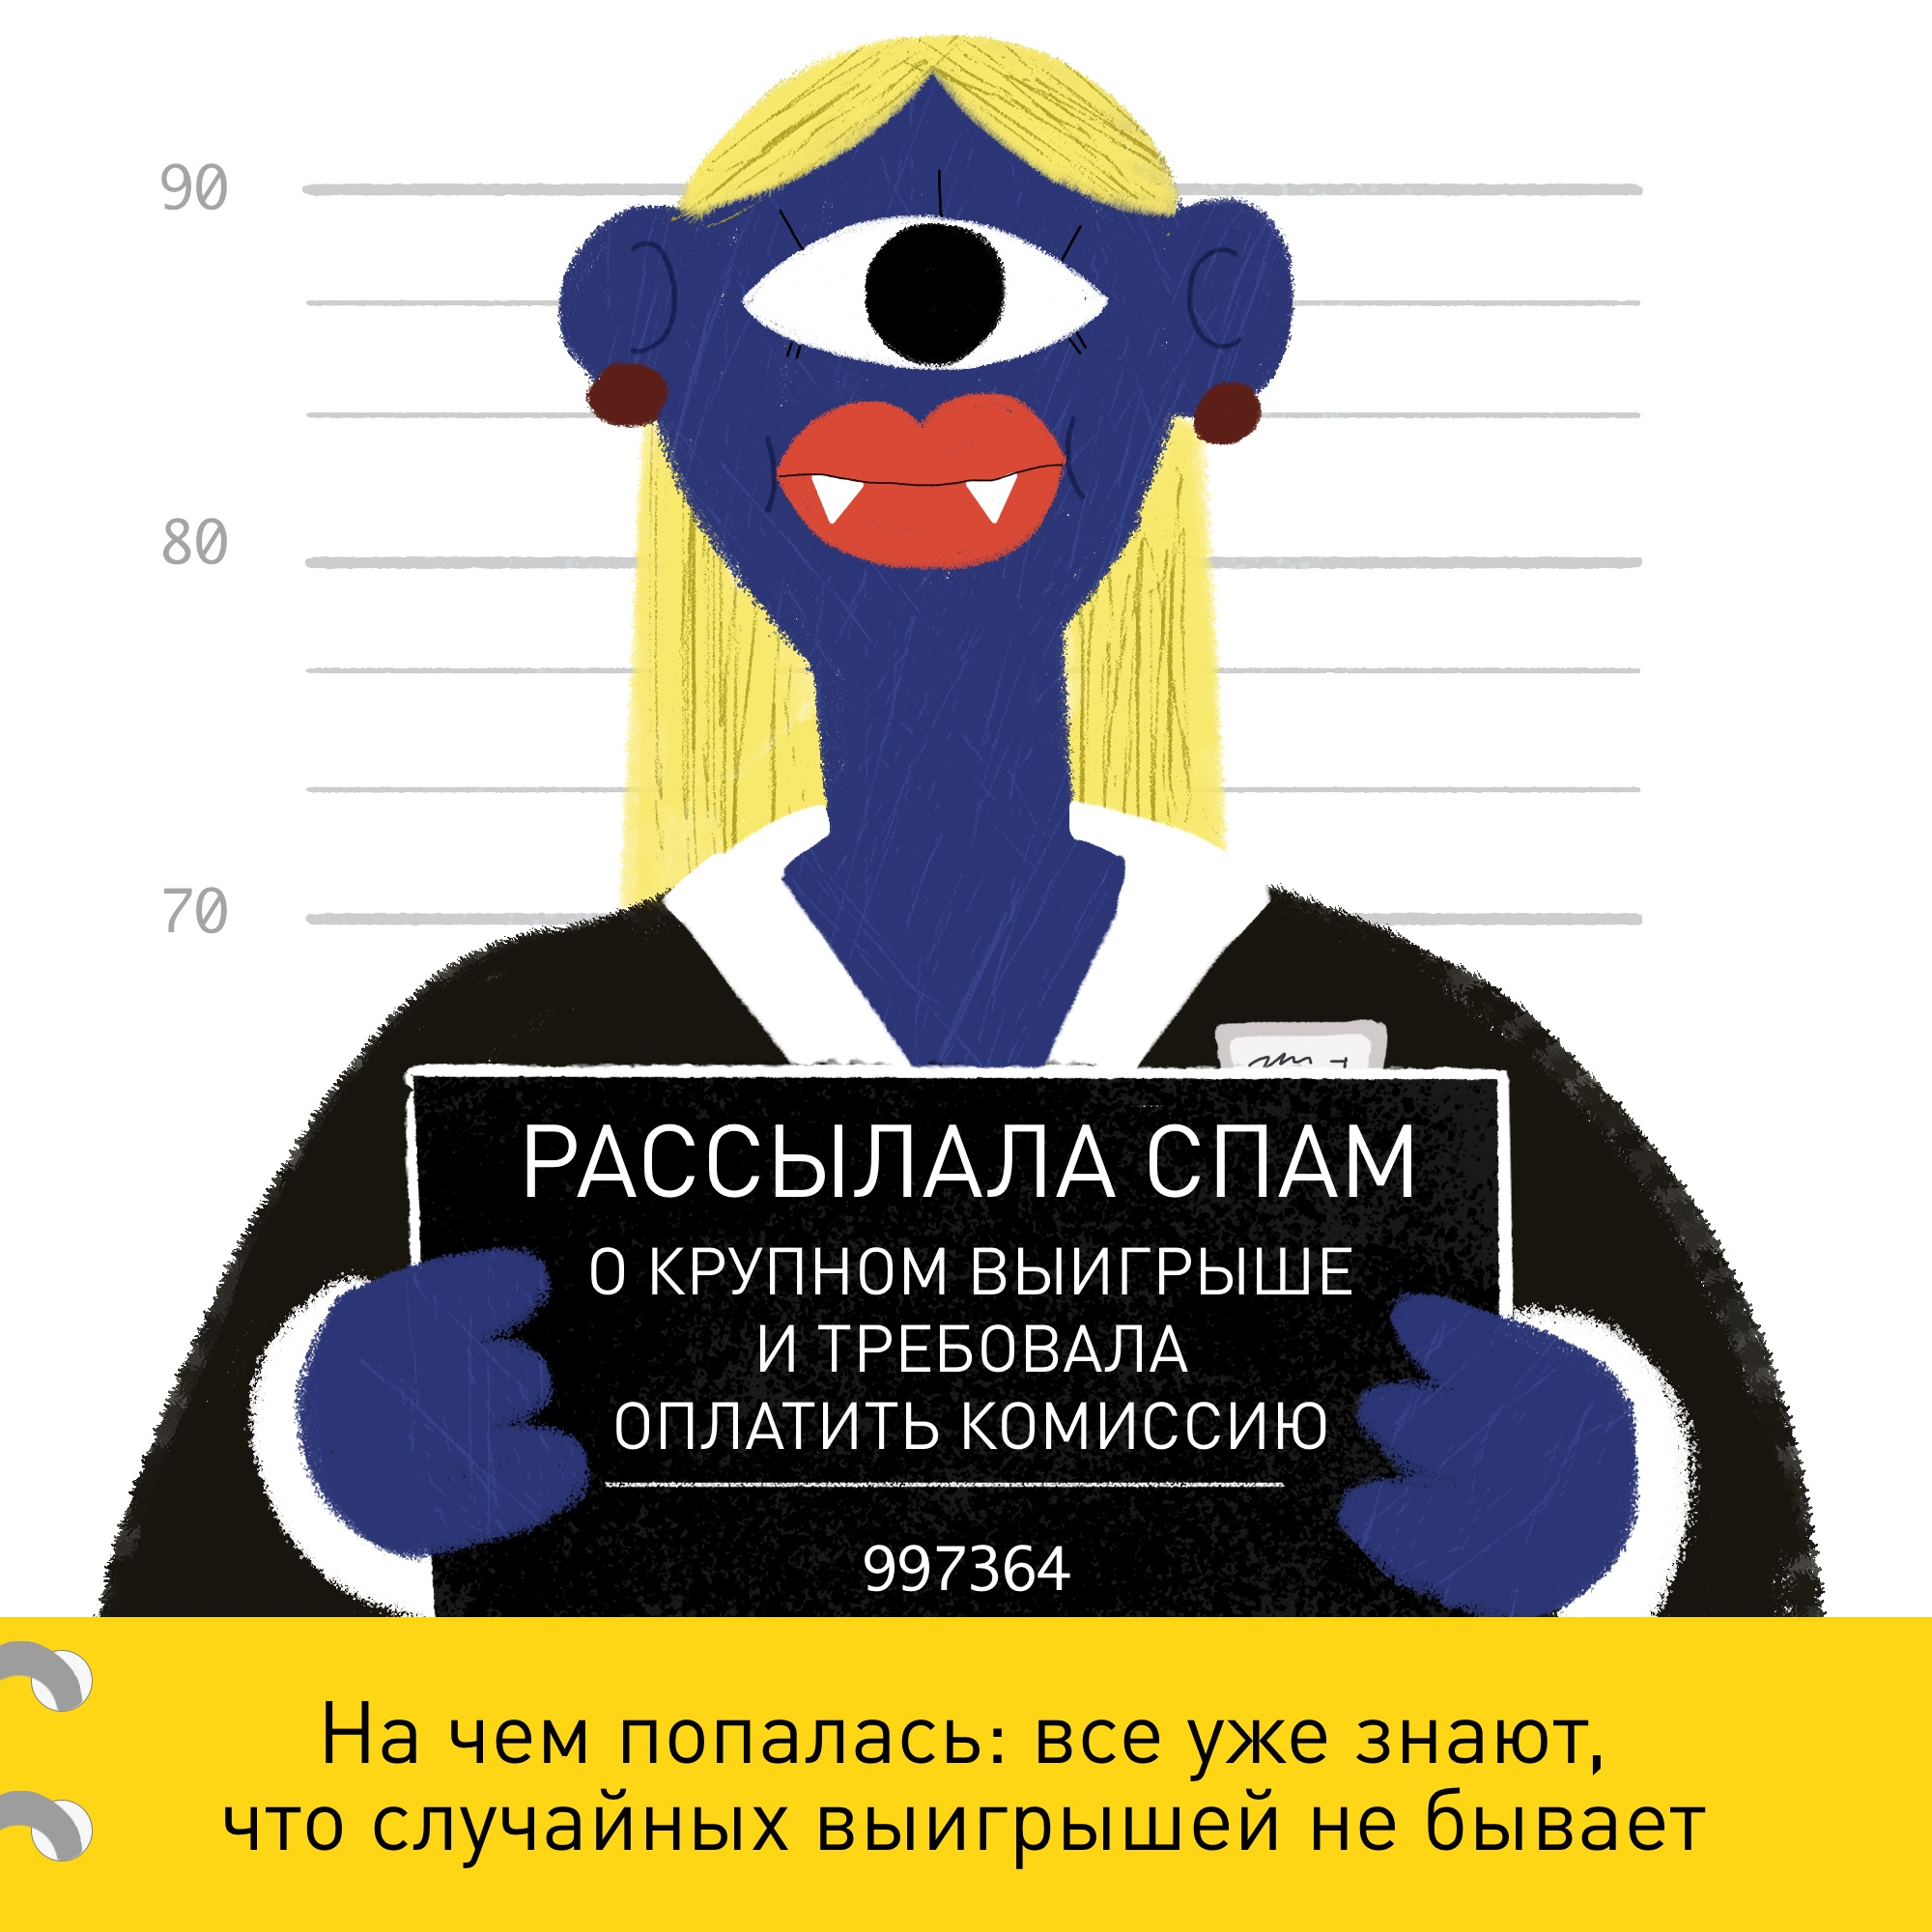 Полиция разработала памятки по предупреждению онлайн-мошенничеств